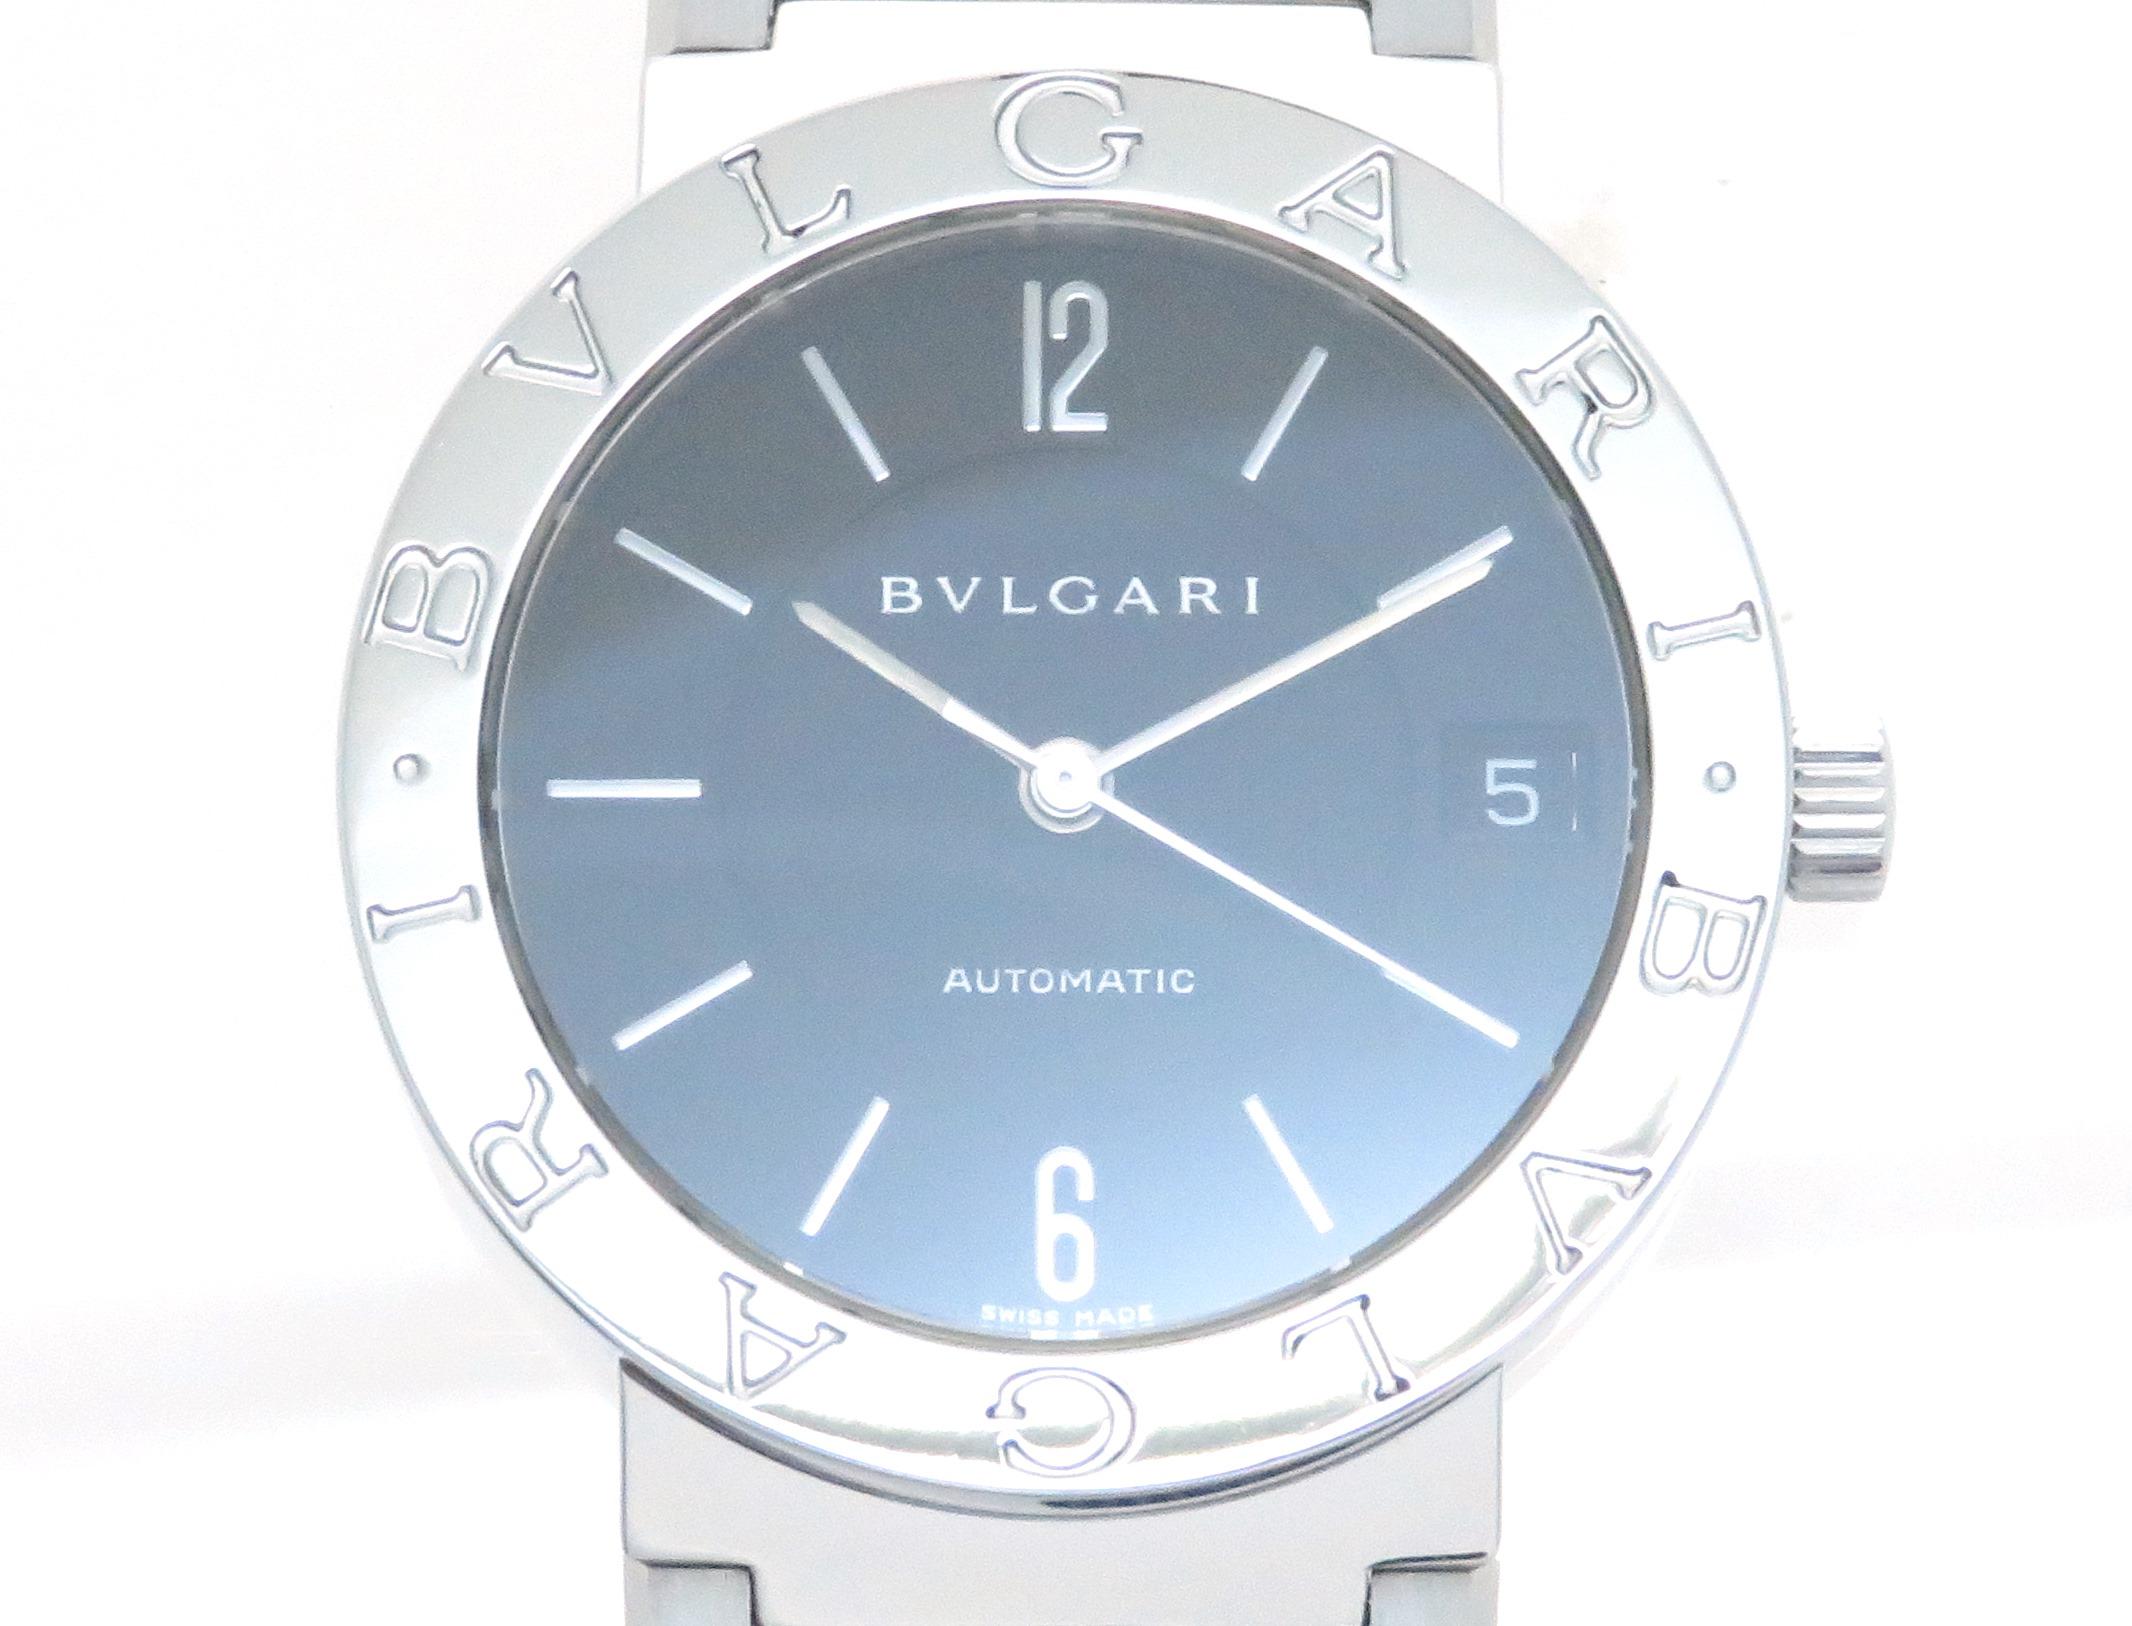 BVLGARI ブルガリ ブルガリブルガリ BB33SS 自動巻き ブラック文字盤 ステンレススチール ボーイズサイズ 【205】